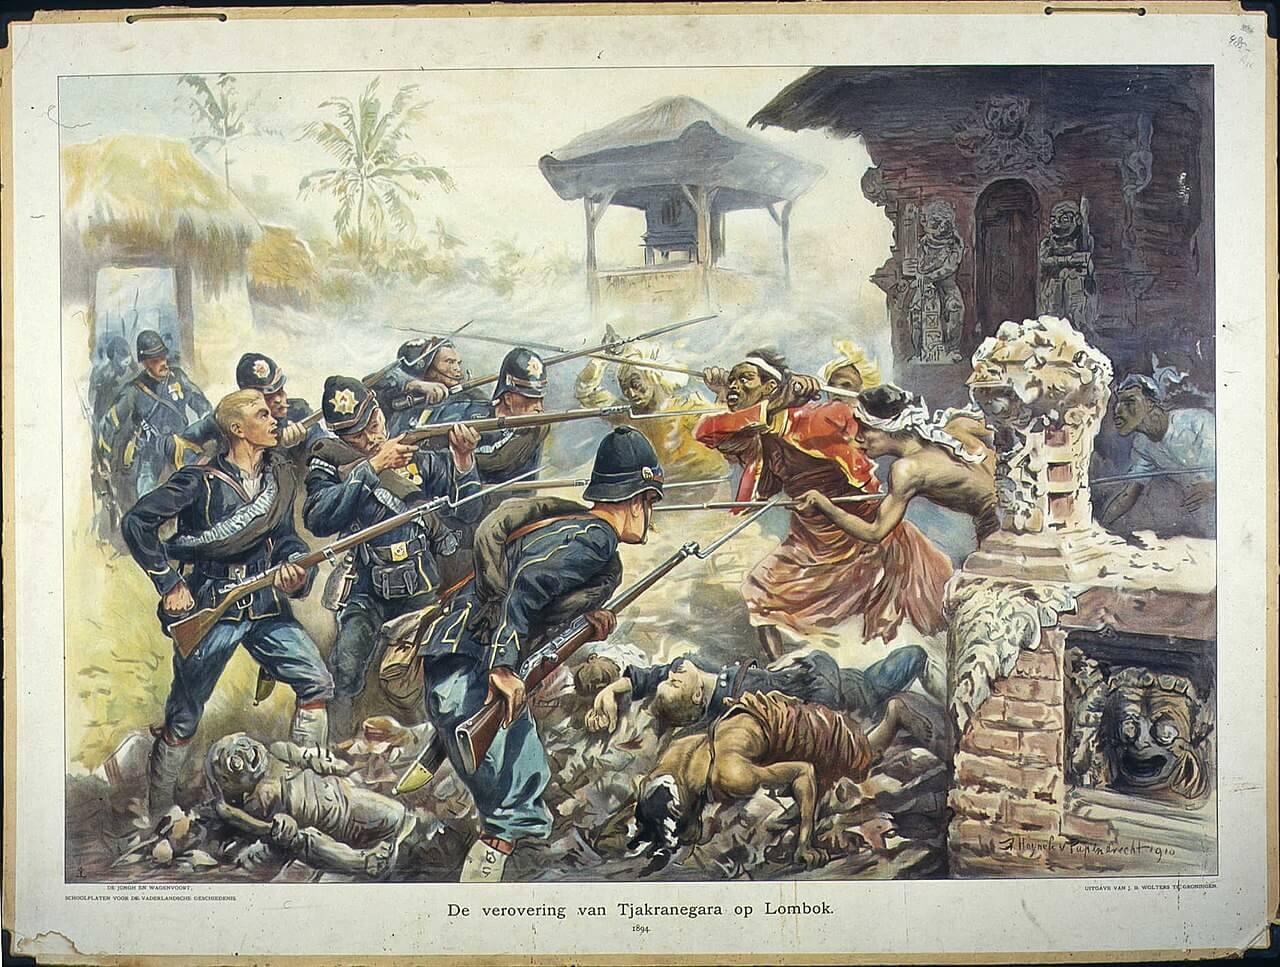 Бой голландских солдат с повстанцами в Индонезии